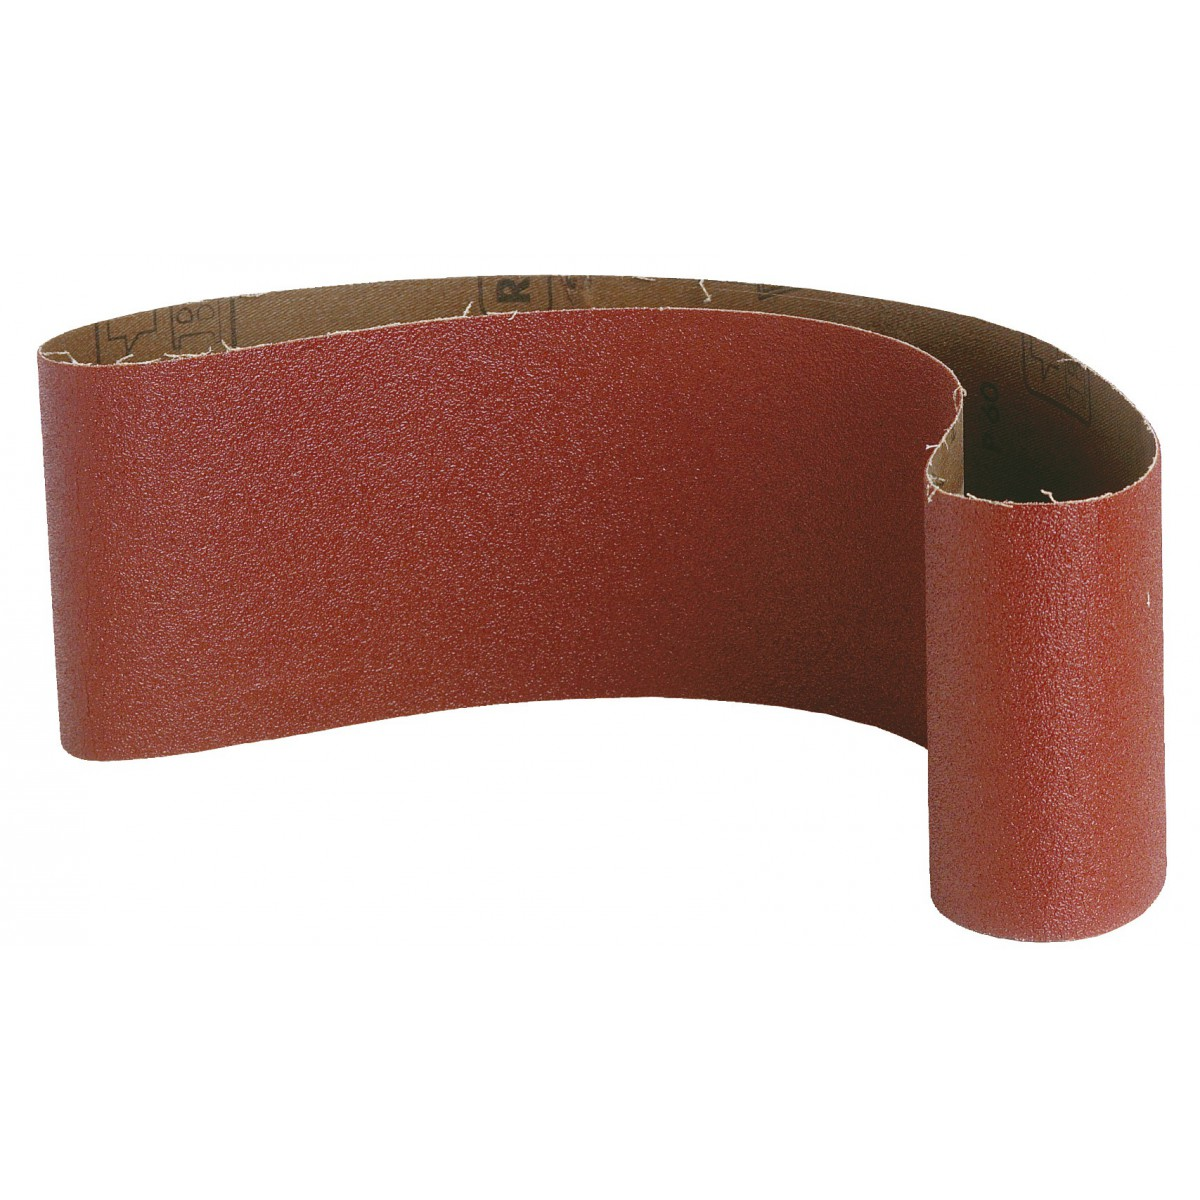 Bande sans fin abrasive SCID - Dimensions 75 x 533 mm - Grain 120 - Vendu par 3